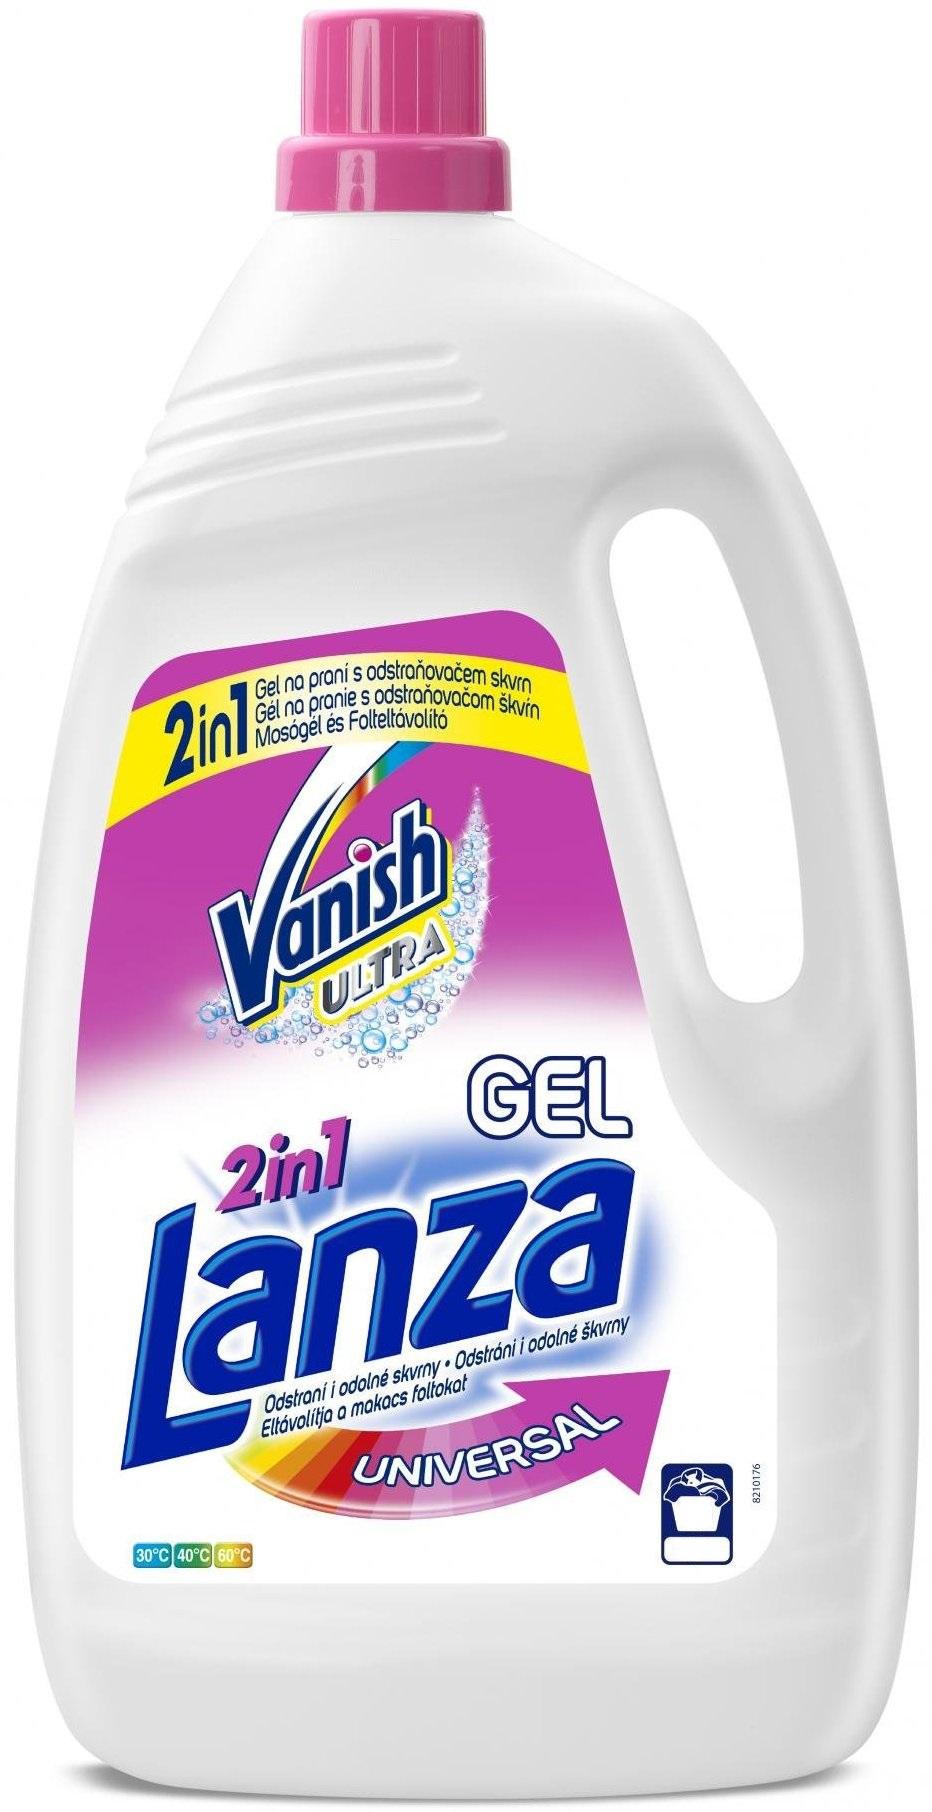 Fotografie Lanza Vanish Ultra 2v1 Universal prací gel s odstraňovačem skvrn na všechny druhy prádla 15 dávek 0,99 g